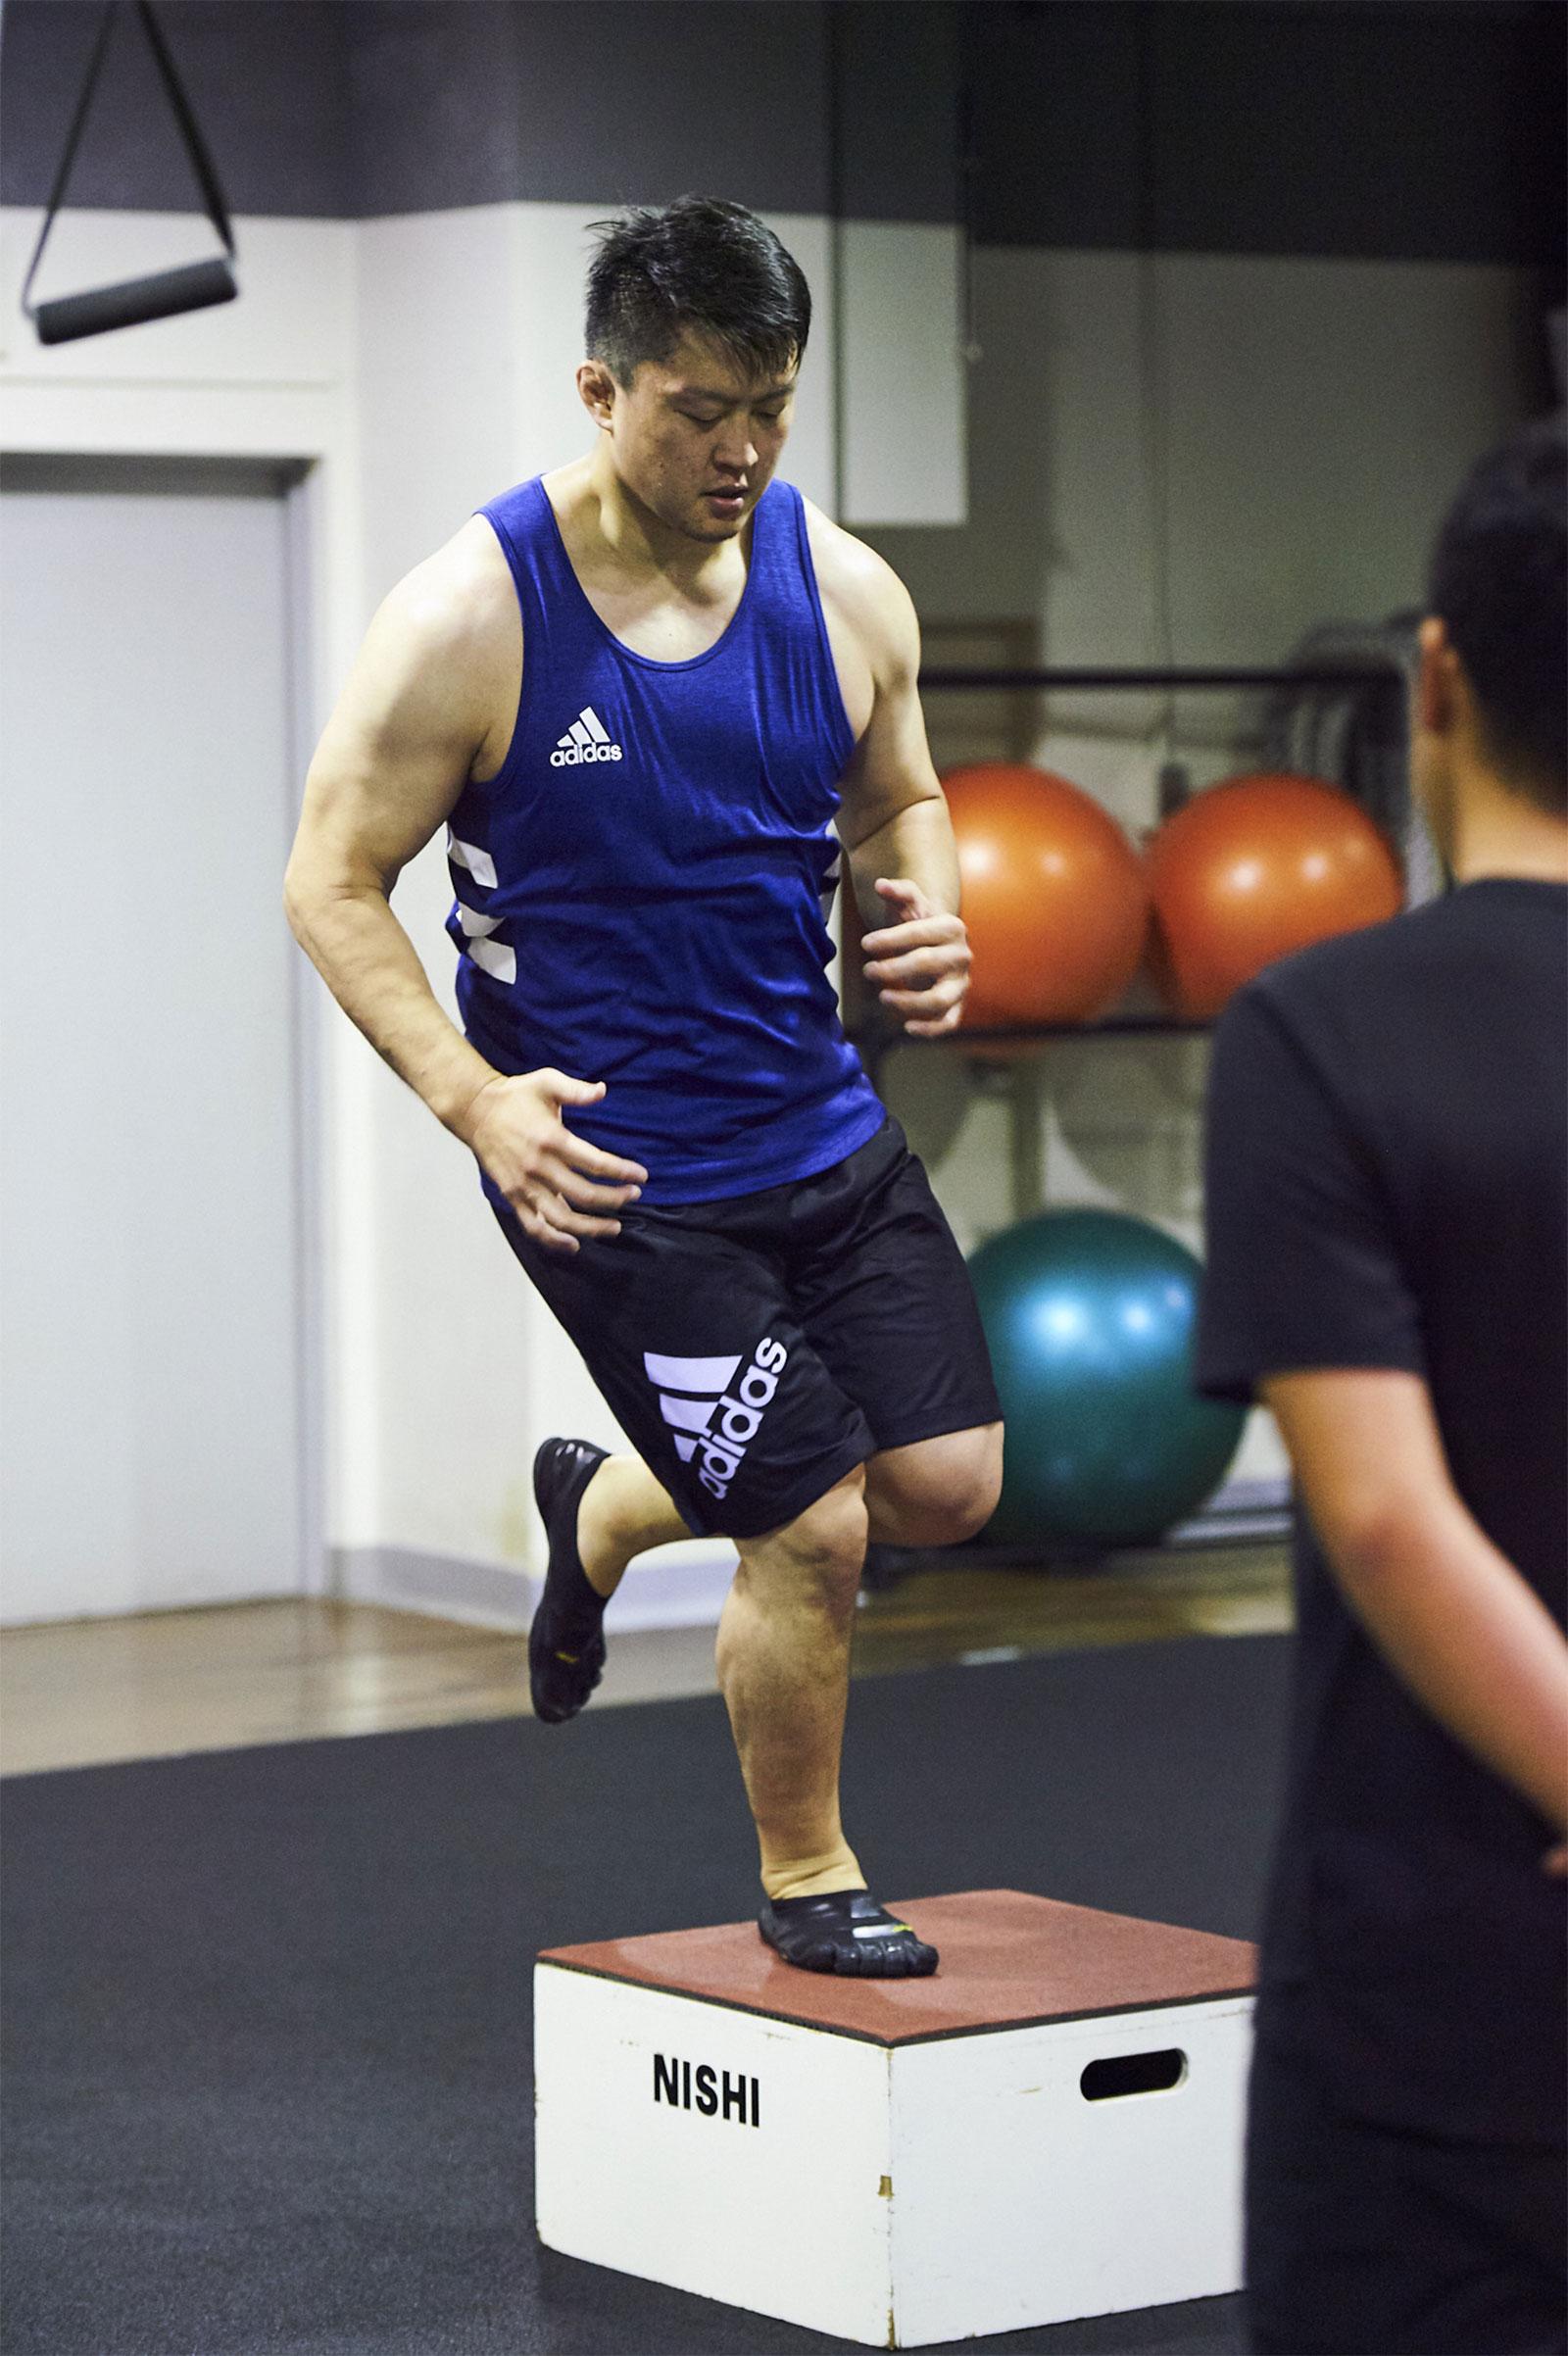 片脚で行うボックスジャンプ。前後方向だけでなく、左右方向も行う。原沢選手の得意技である内股のような、片脚でバランスをとりながら大きな力を発揮する動きを安定させるトレーニング。